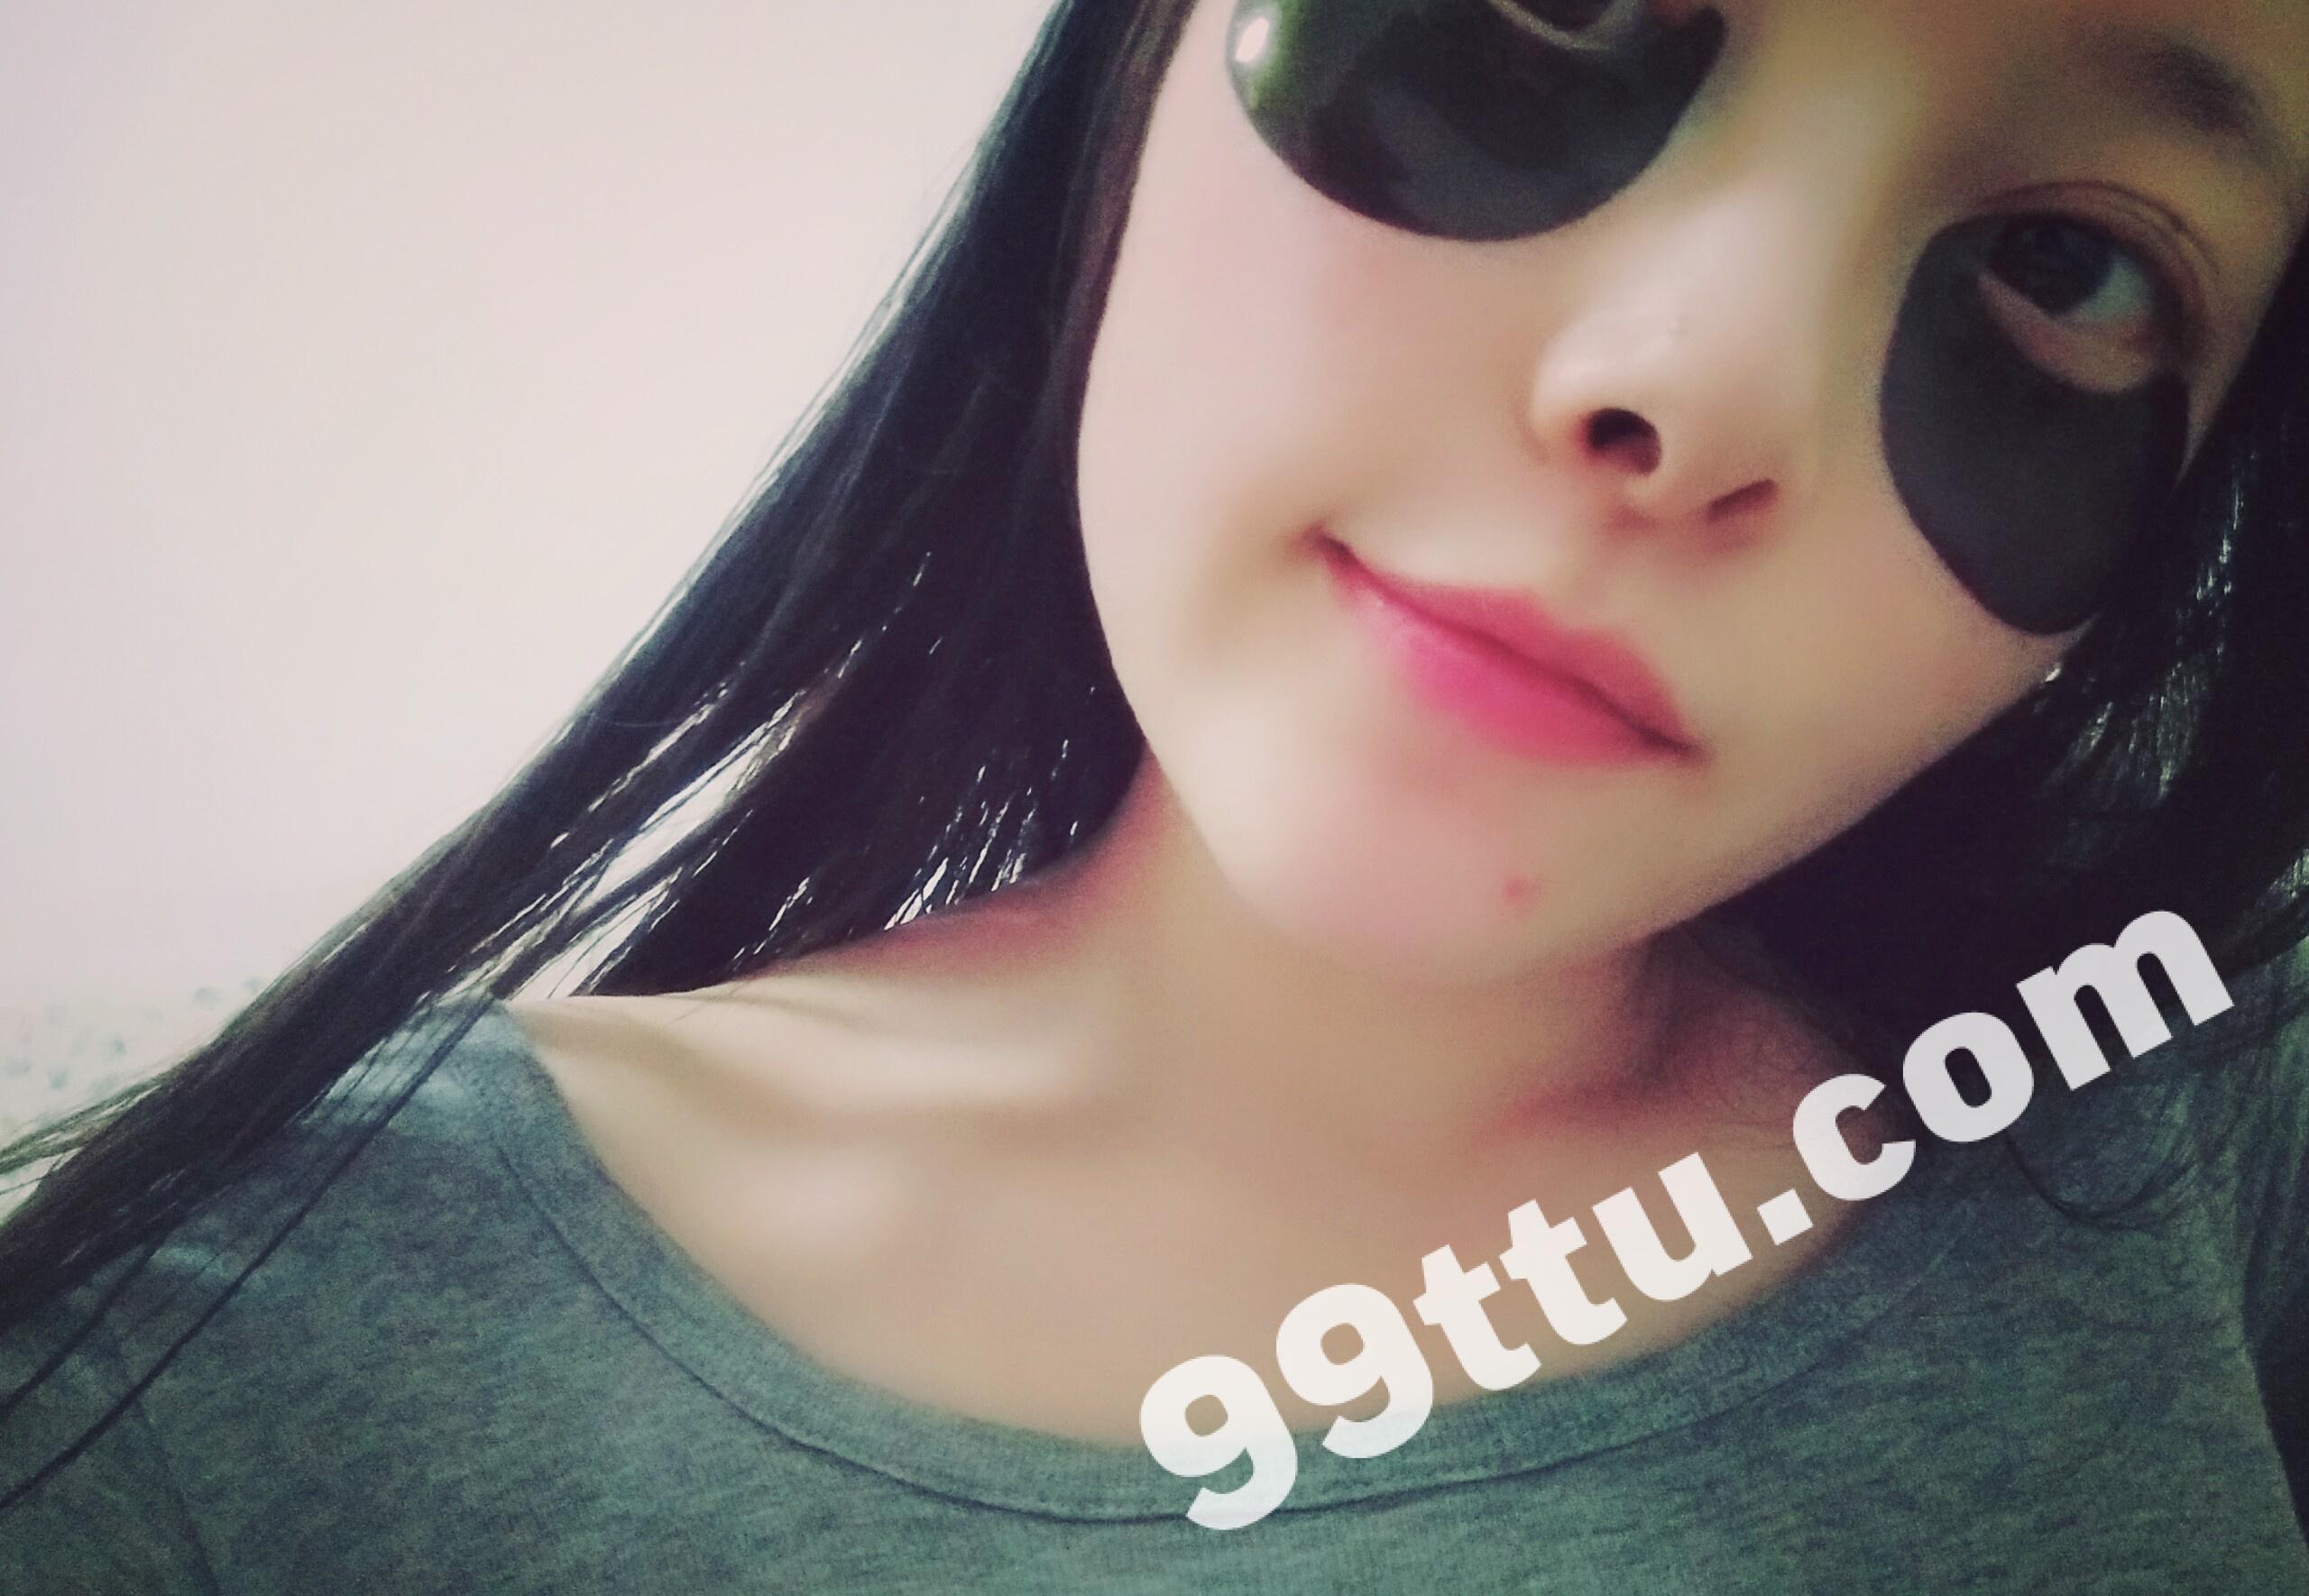 W02女套图553照片(青春真实活泼)-9